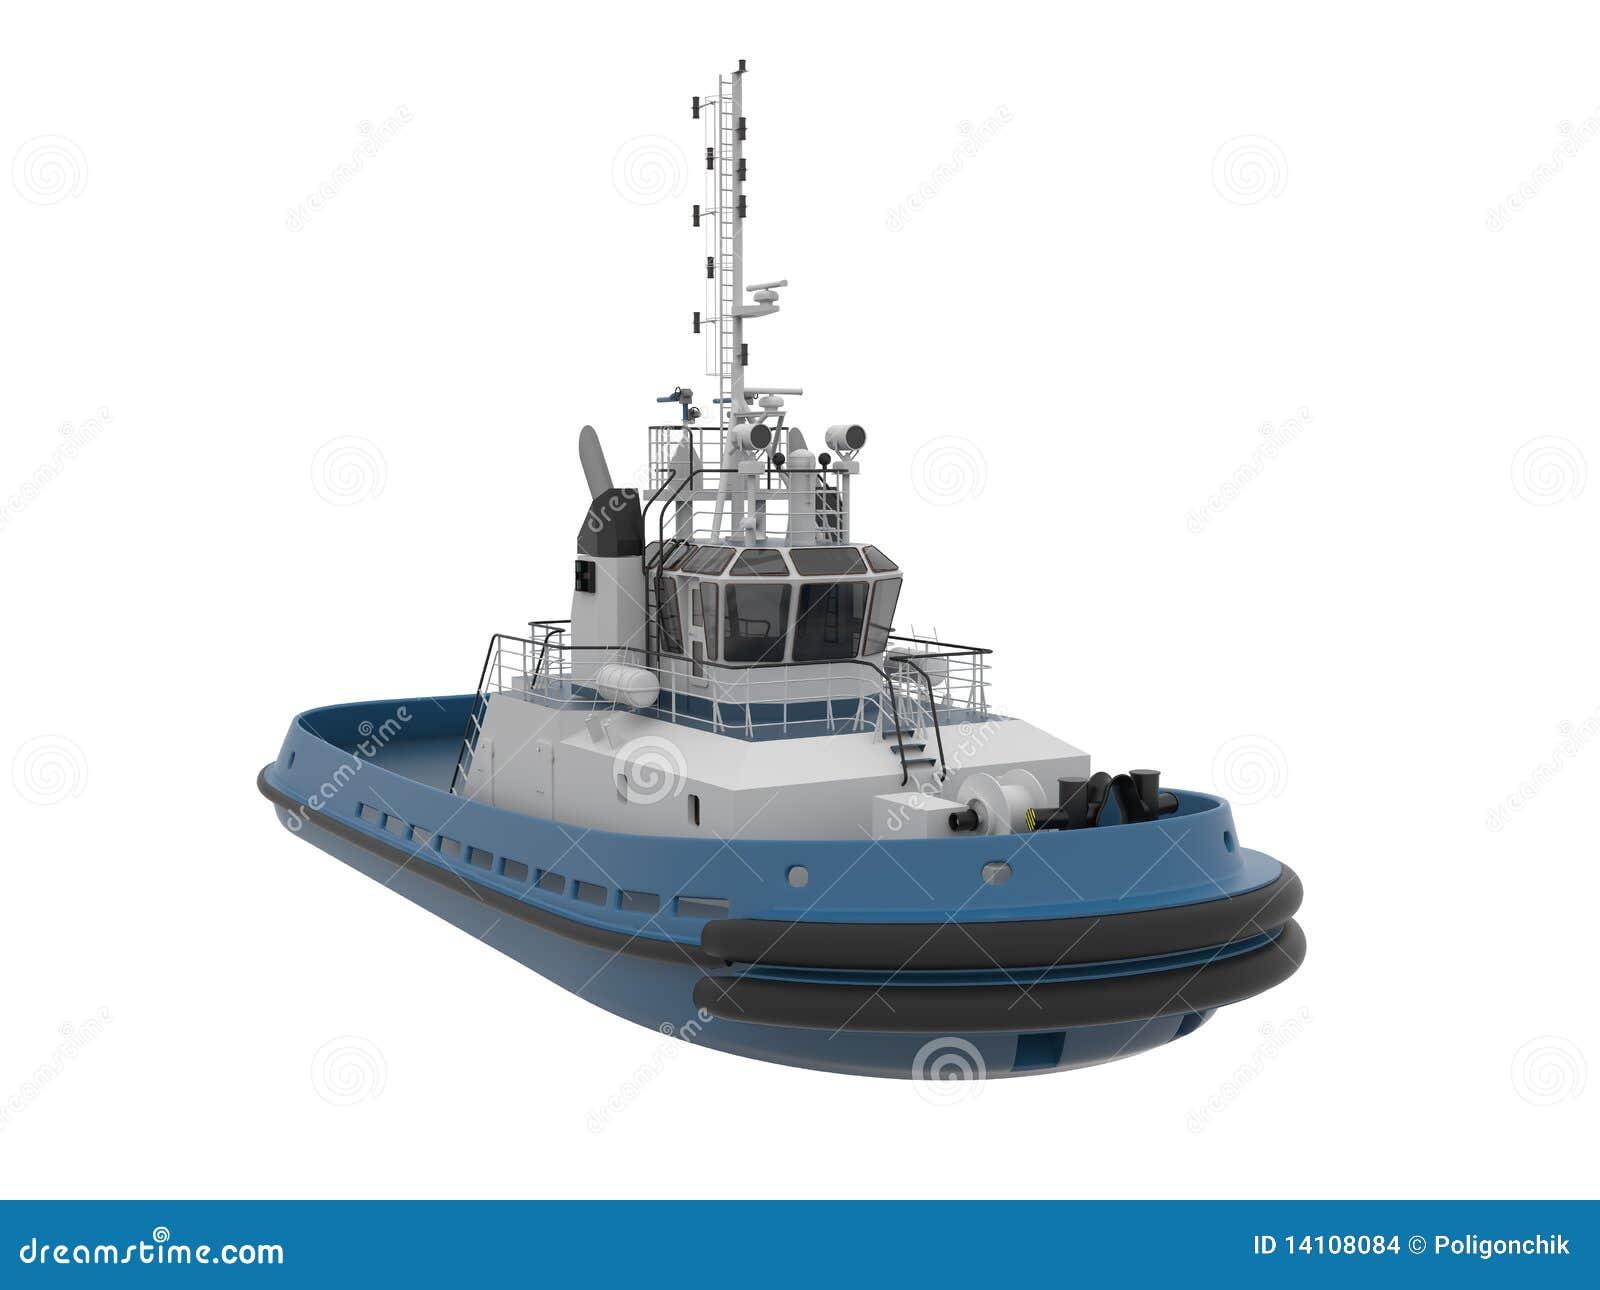 Tug boat. stock illustration. Image of nautical, infrastructure - 14108084